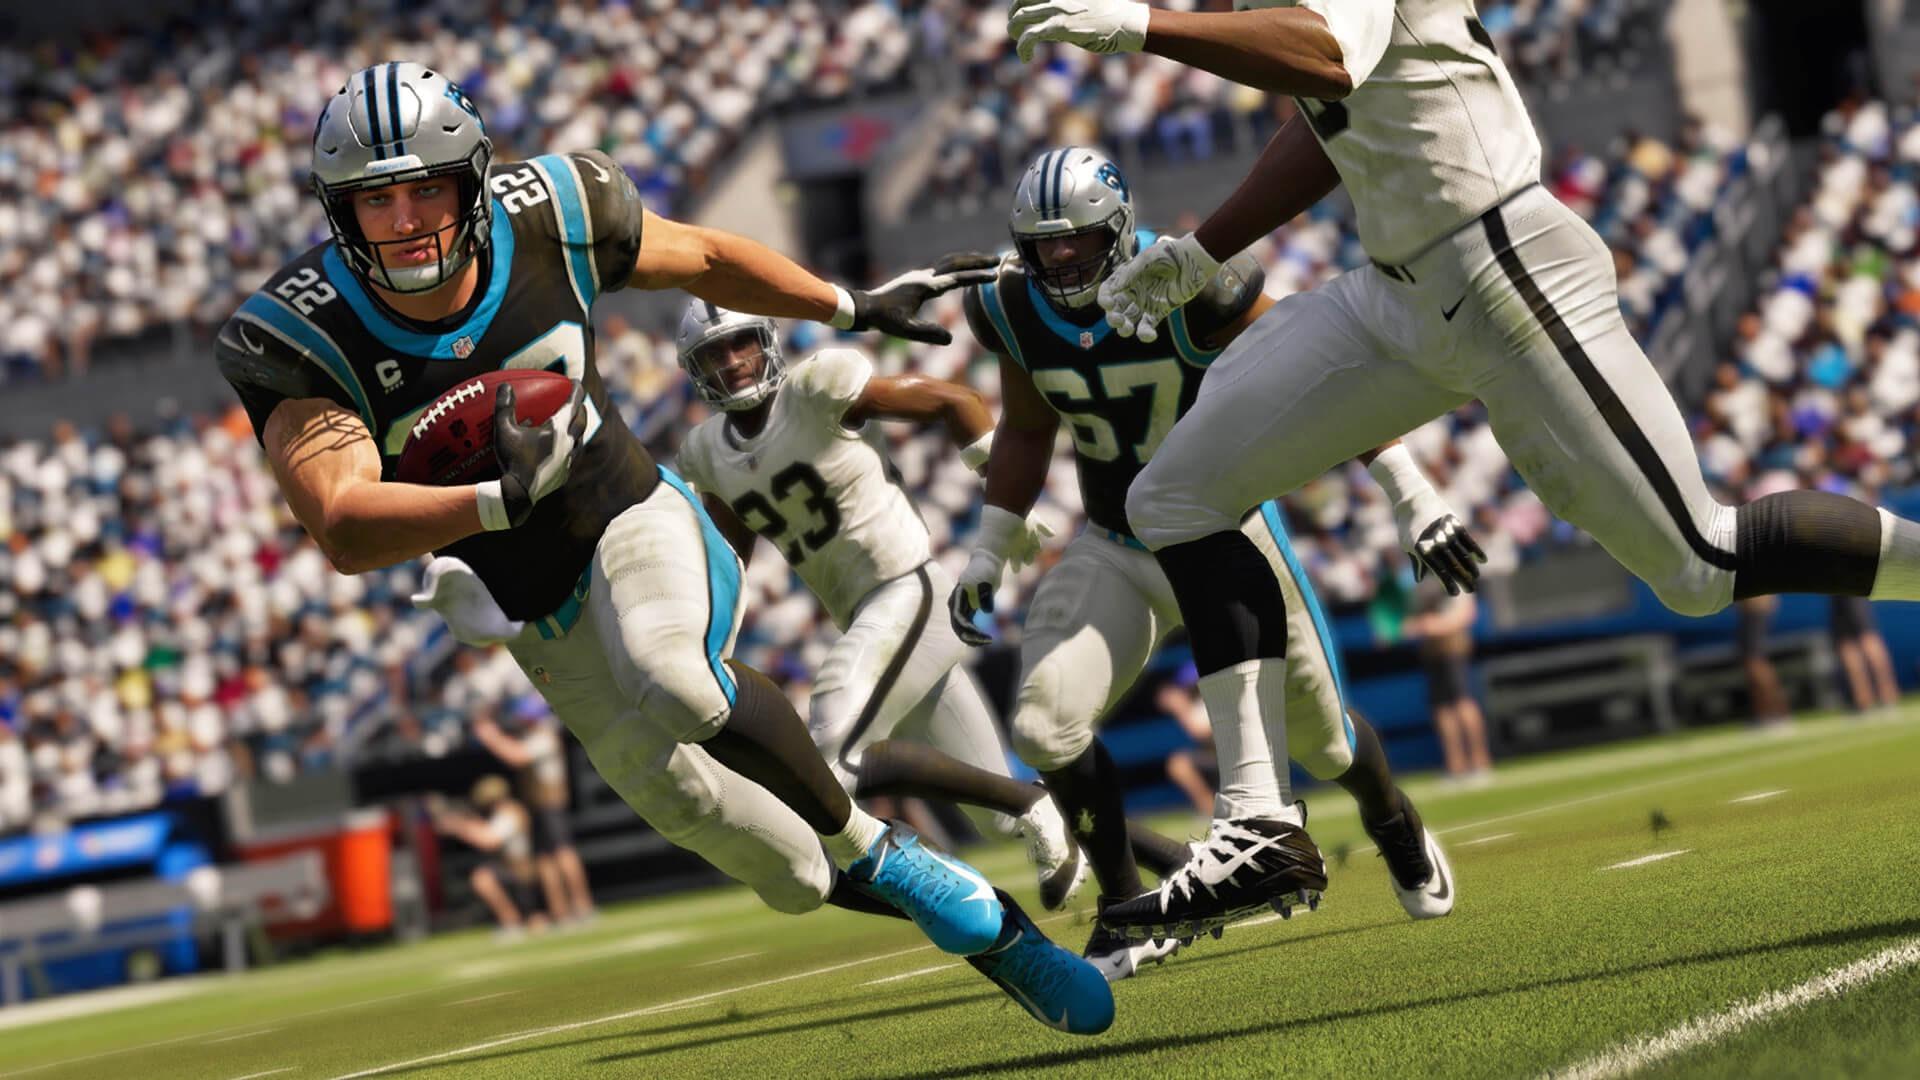 《麦登橄榄球21》次世代主机版将实时更新球员数据